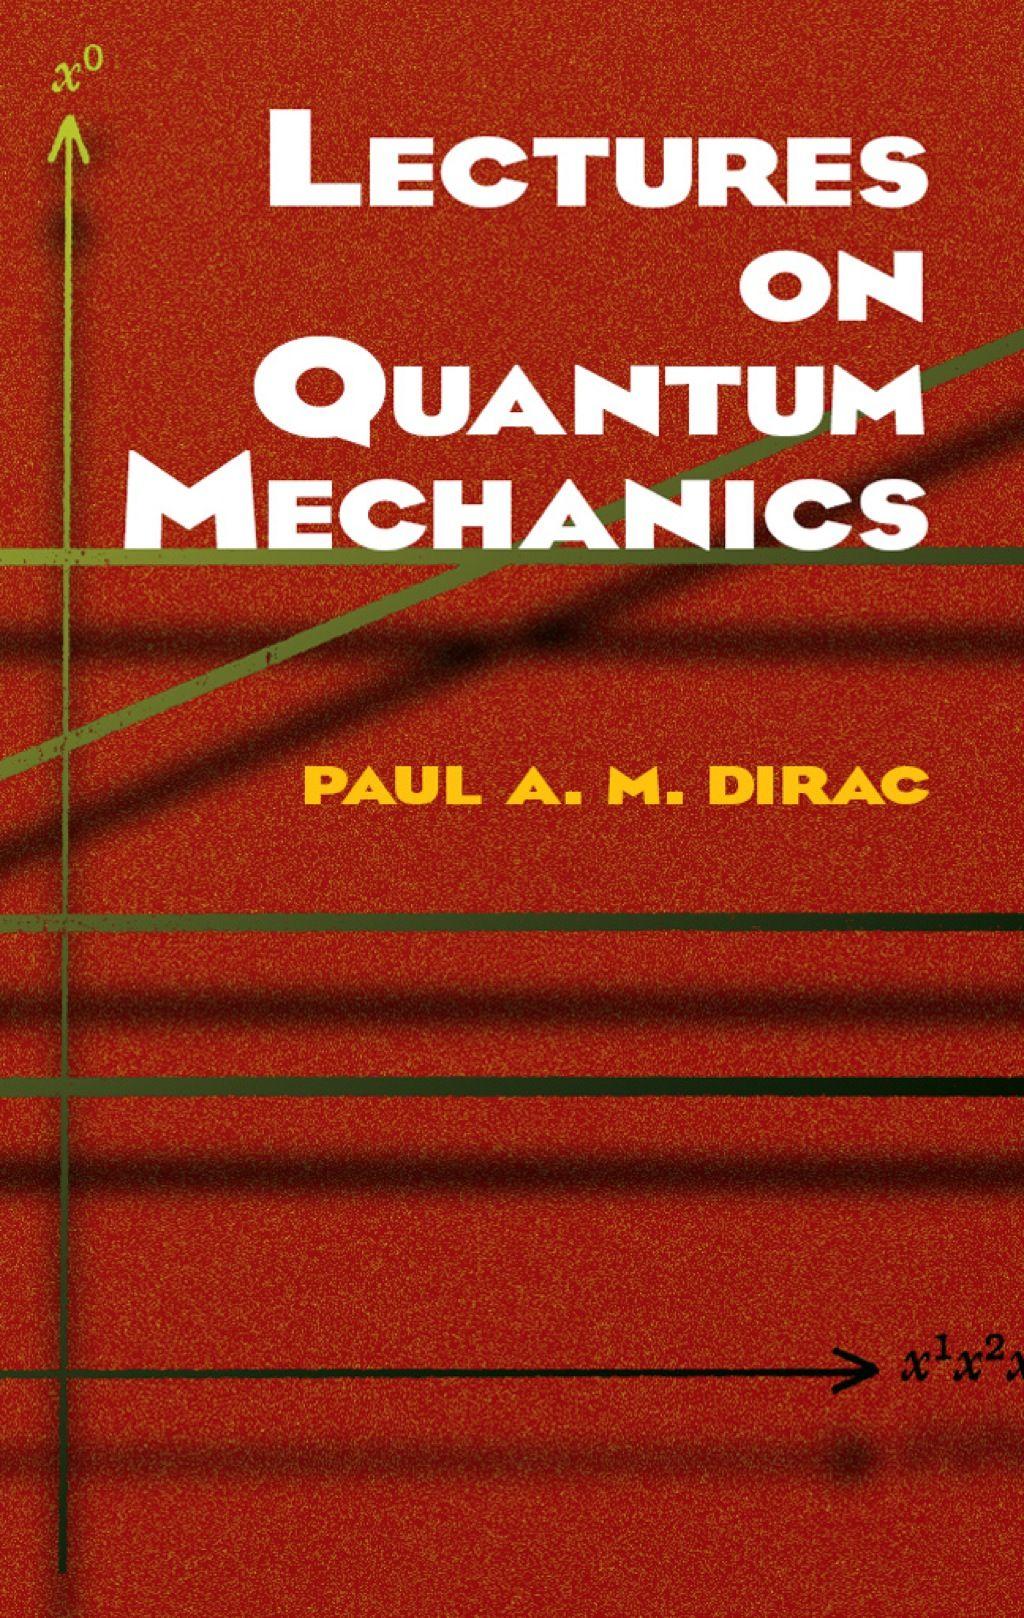 Lectures On Quantum Mechanics Ebook Quantum Mechanics Physics